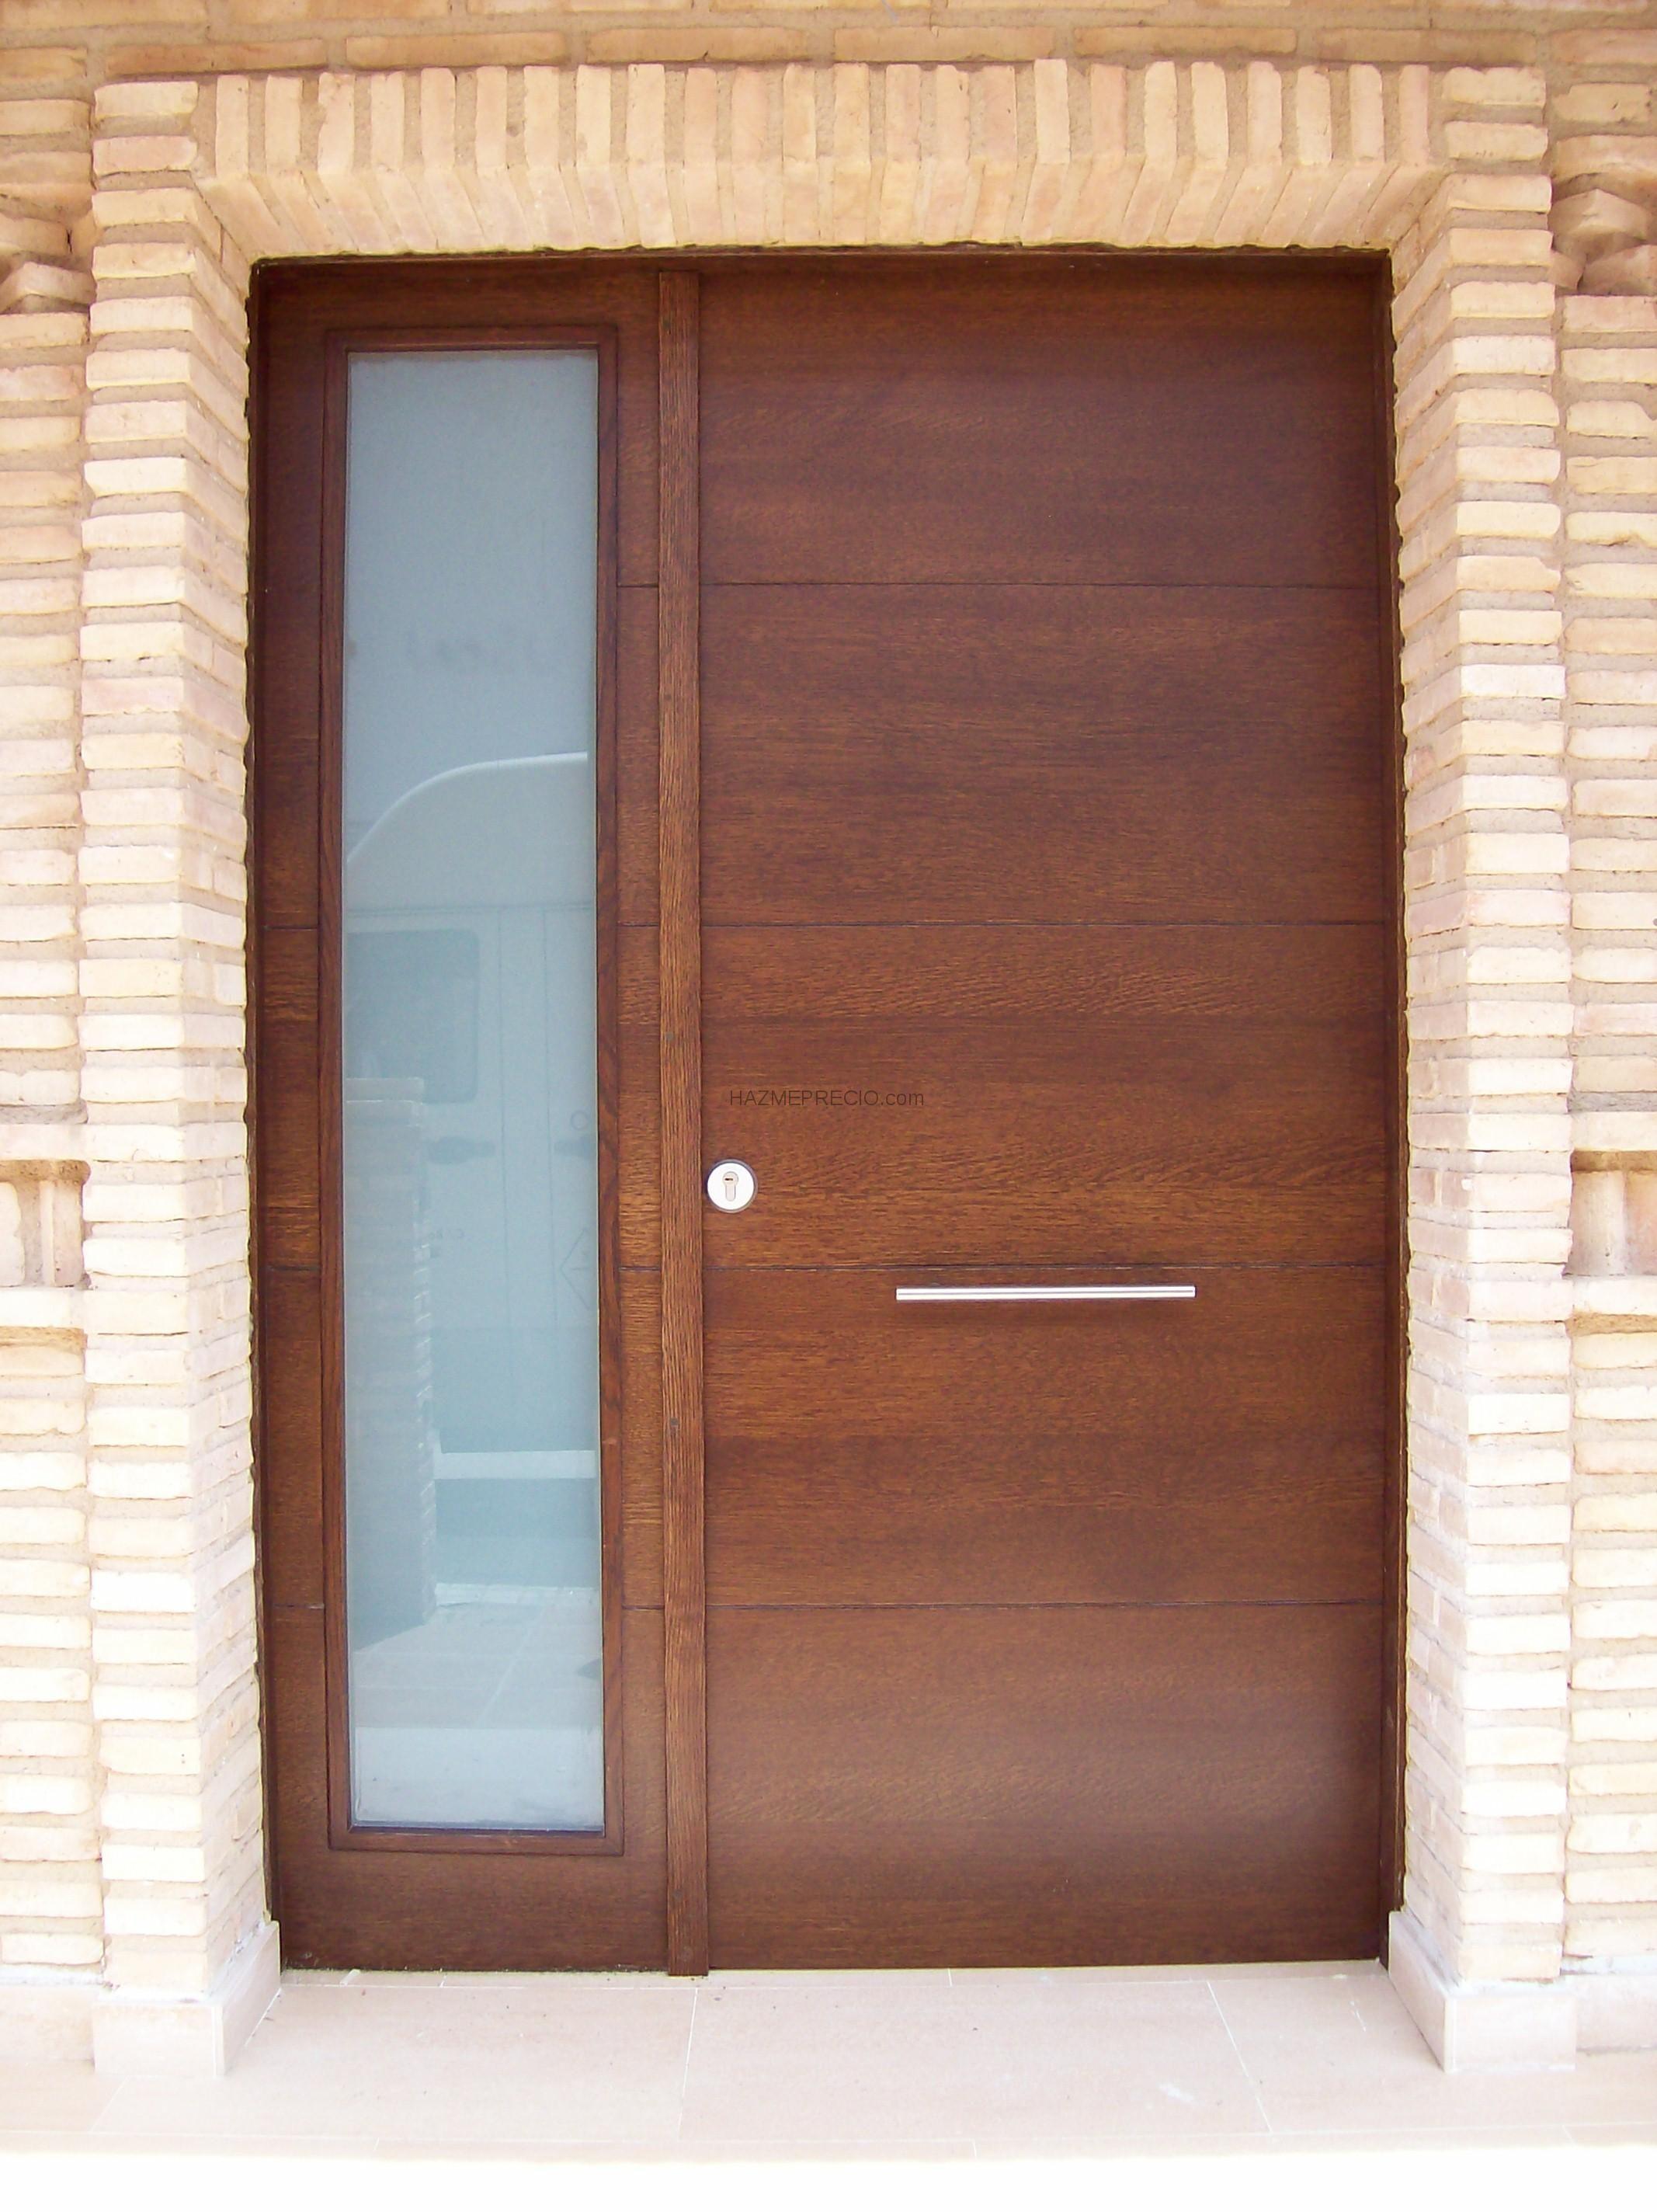 Puertas Exteriores Pvc Ventanas De Pvc With Puertas Exteriores  ~ Puertas De Exterior De Aluminio Precios